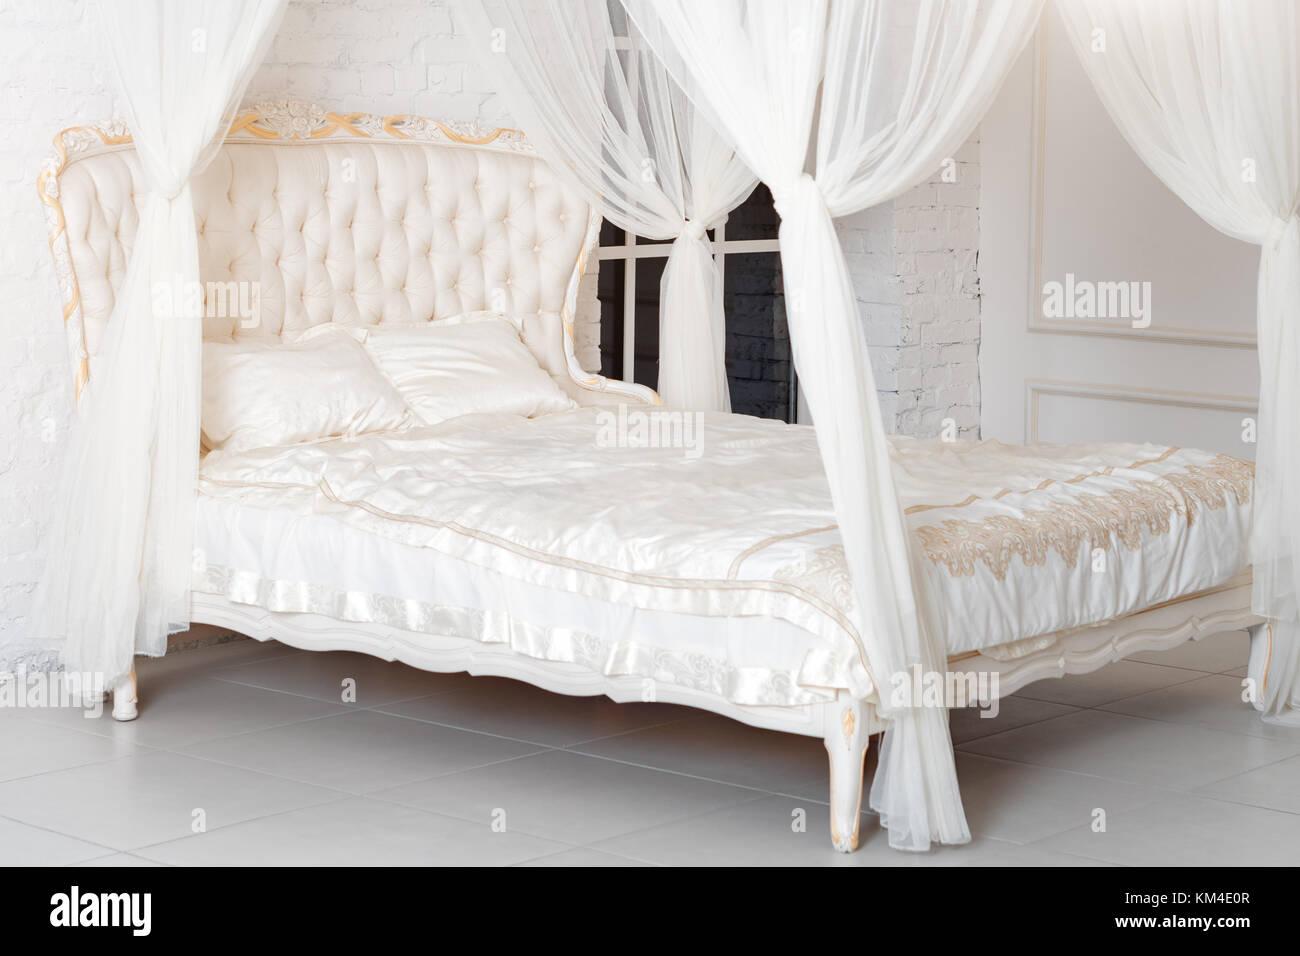 Schon Schlafzimmer In Sanften Hellen Farben. Großes, Bequemes Himmelbett  Doppelbett In Eleganten Klassischen Schlafzimmer. Luxus Weiss Mit Gold  Interieur.